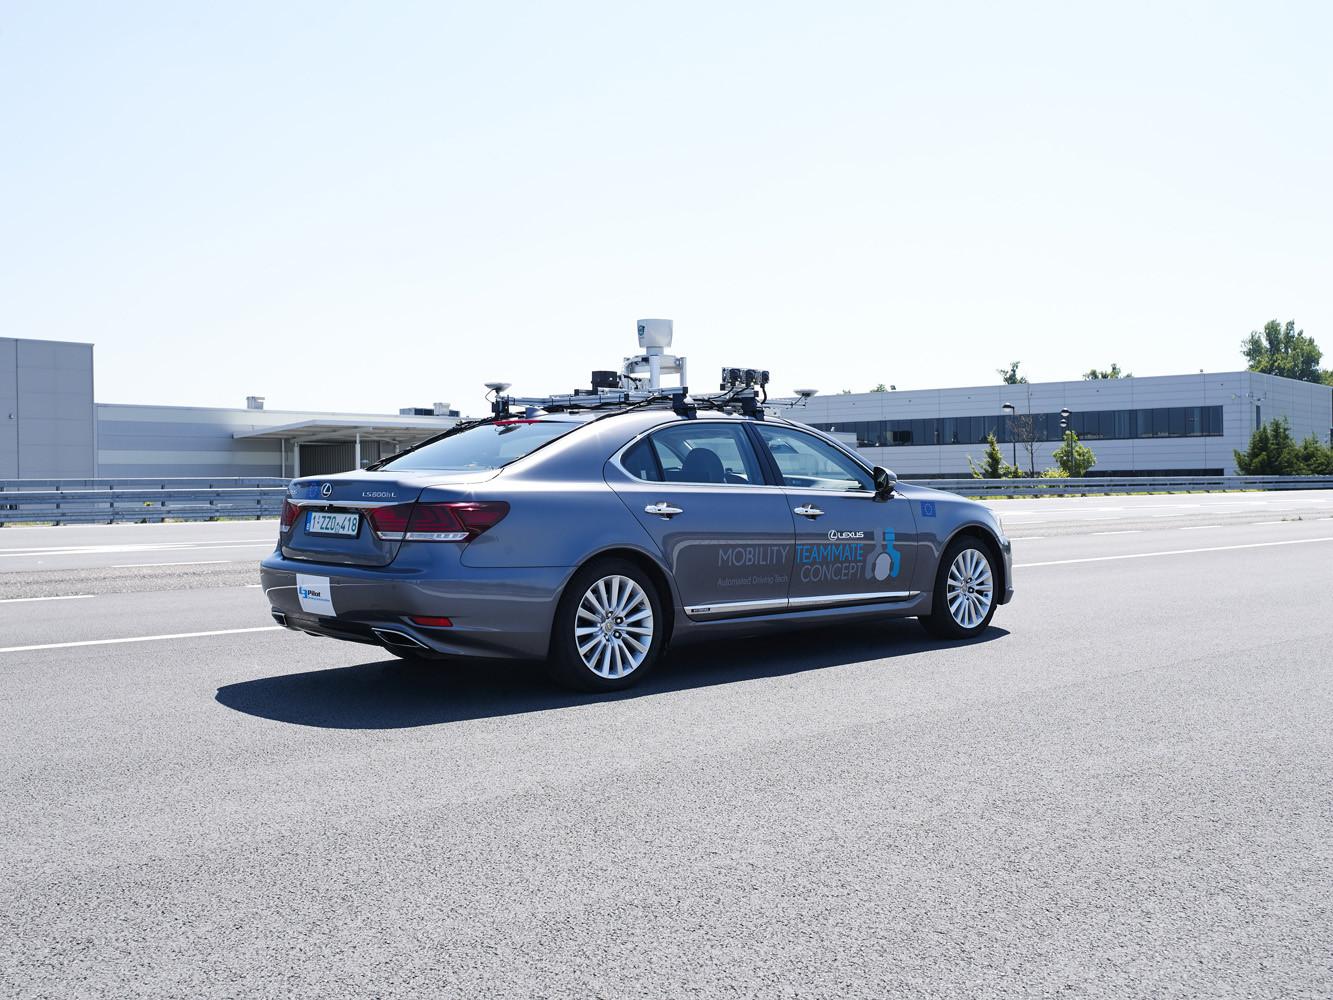 Foto de Lexus LS autónomo (Bruselas) (8/10)